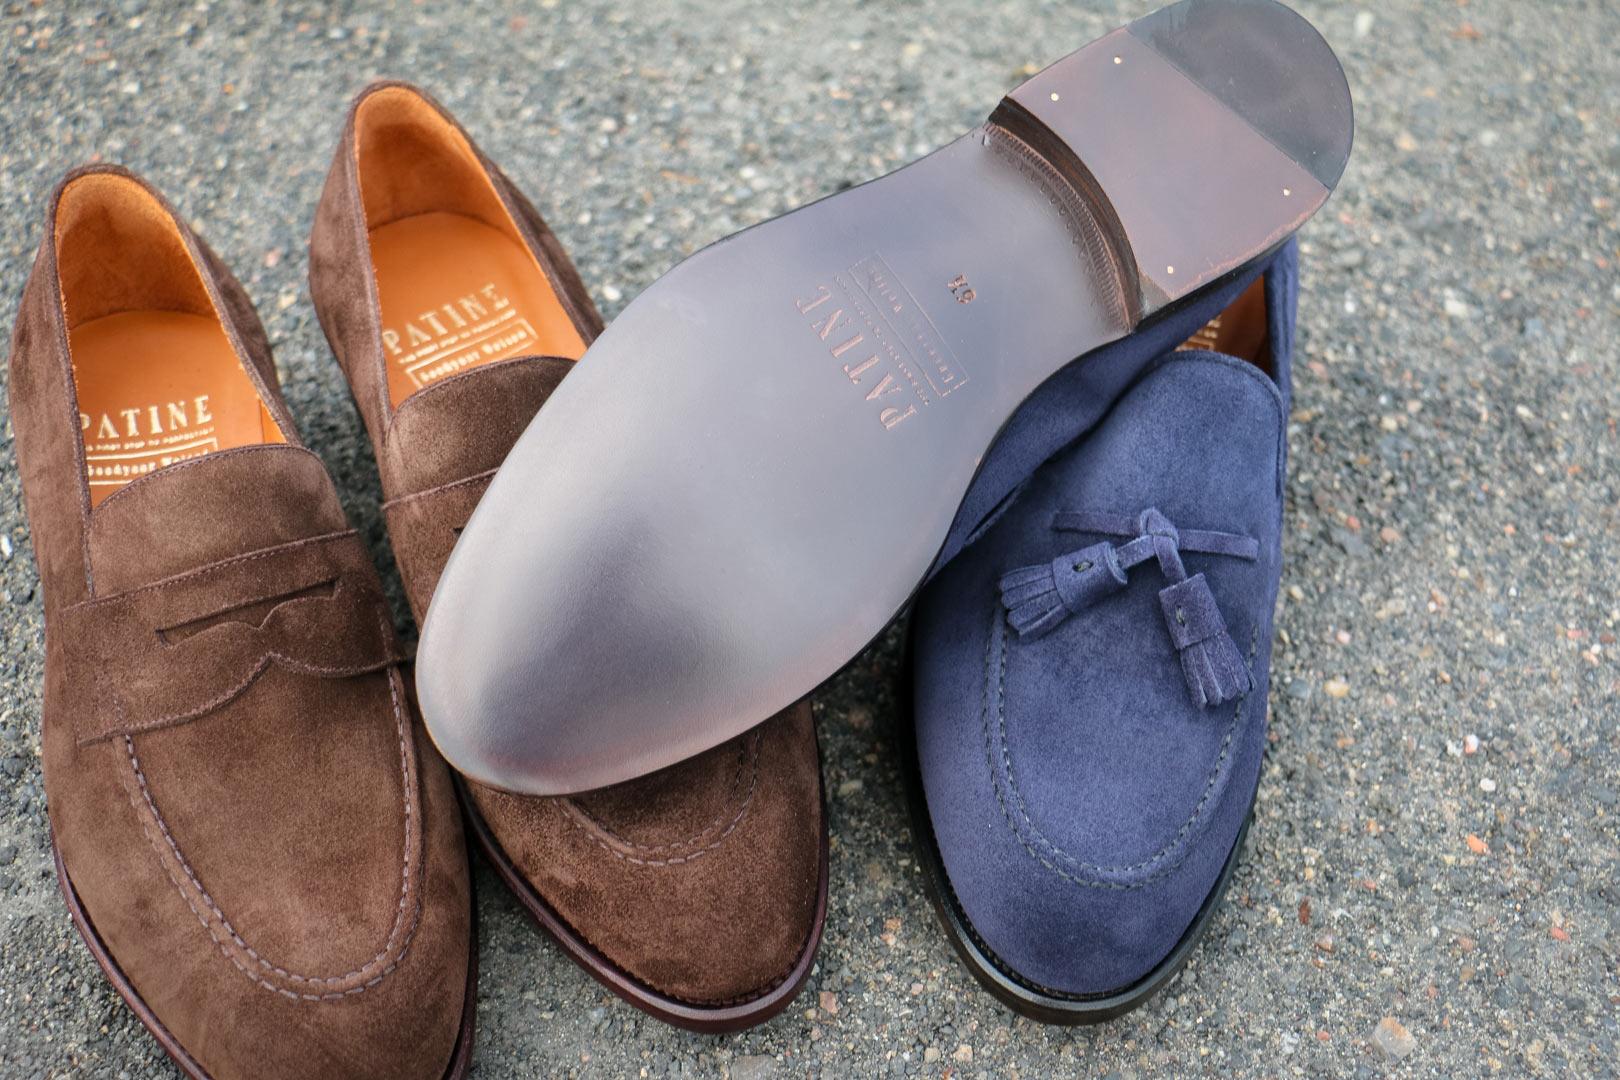 Podeszwy skórzane w męskich loafersach, mokasynach